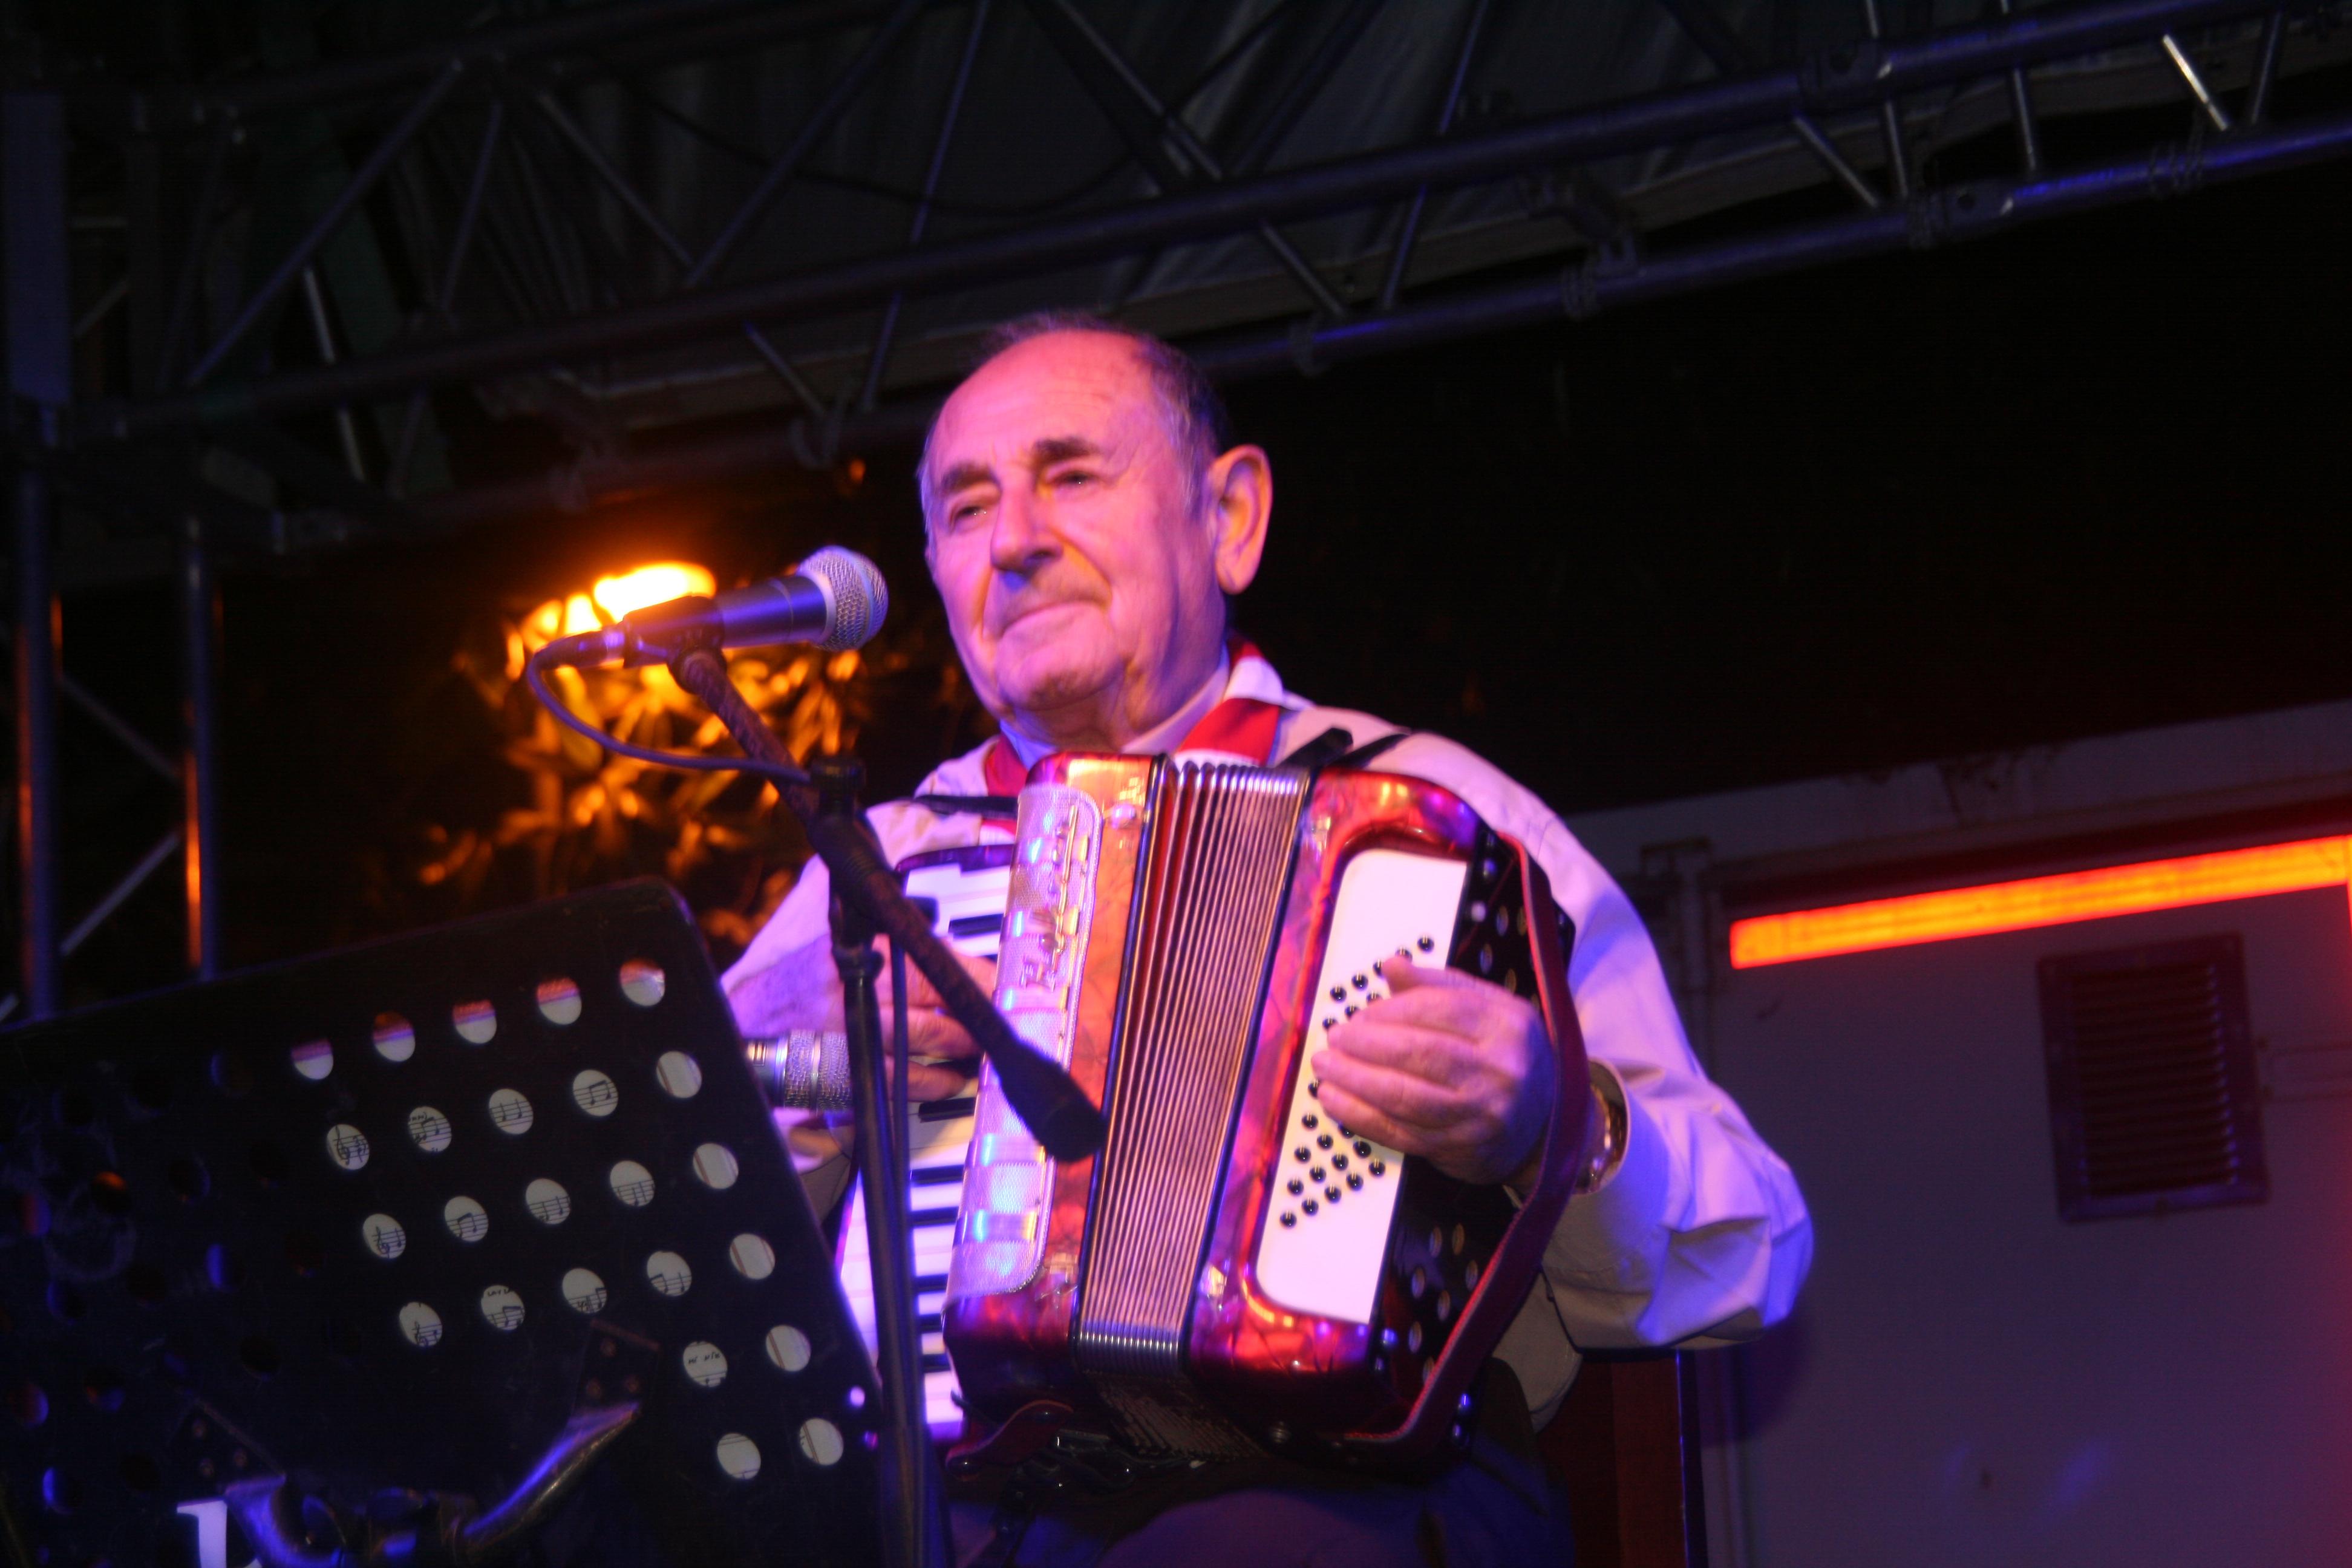 İzmir sevdalısı sanatçı Dario Moreno şarkılarla anıldı